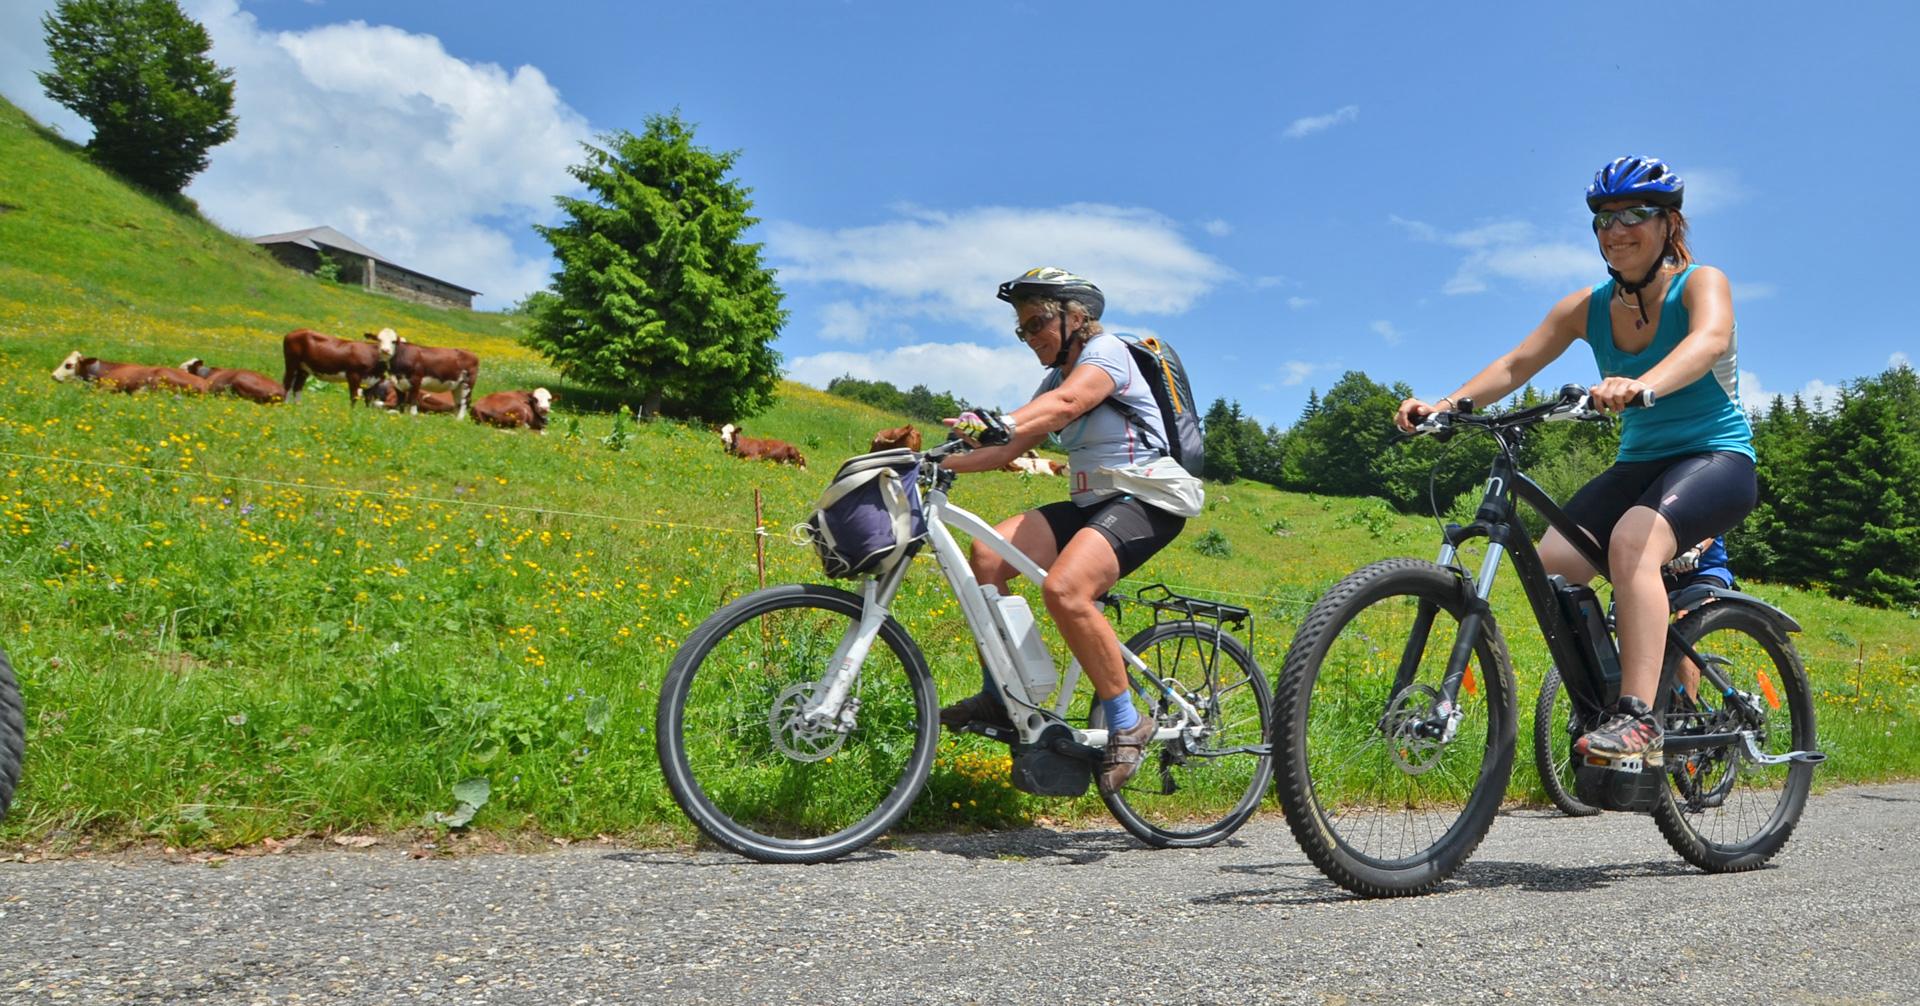 vélos - image